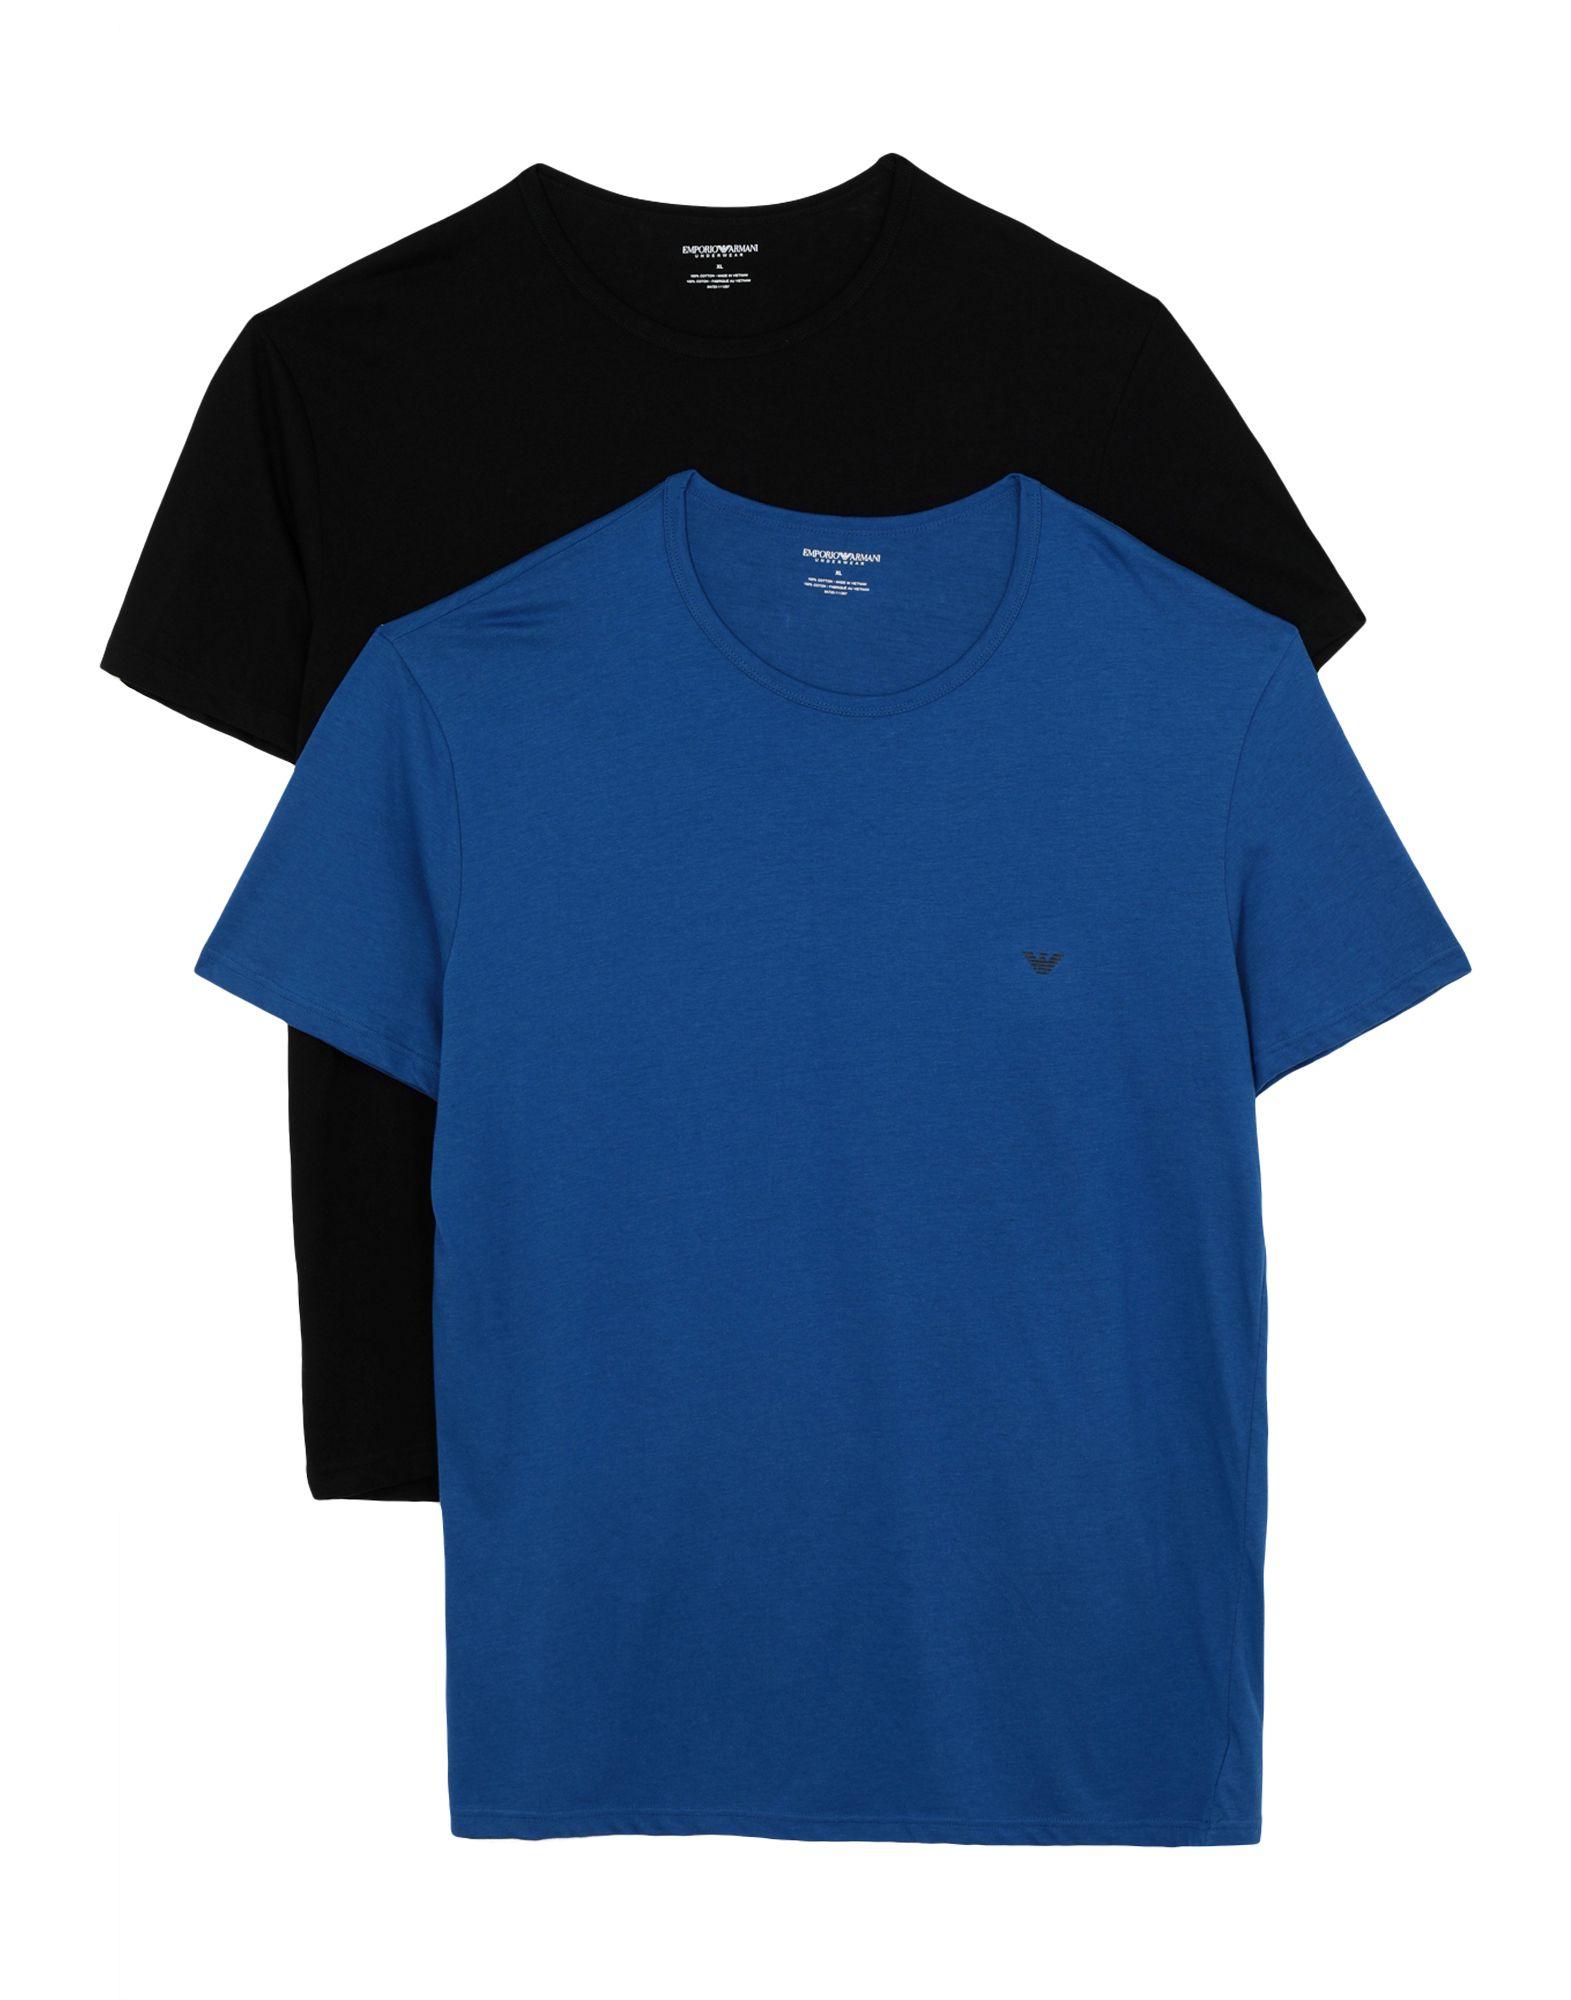 《送料無料》EMPORIO ARMANI メンズ アンダーTシャツ ブライトブルー S コットン 100% 2PACK CREW NECK T-SHIRT